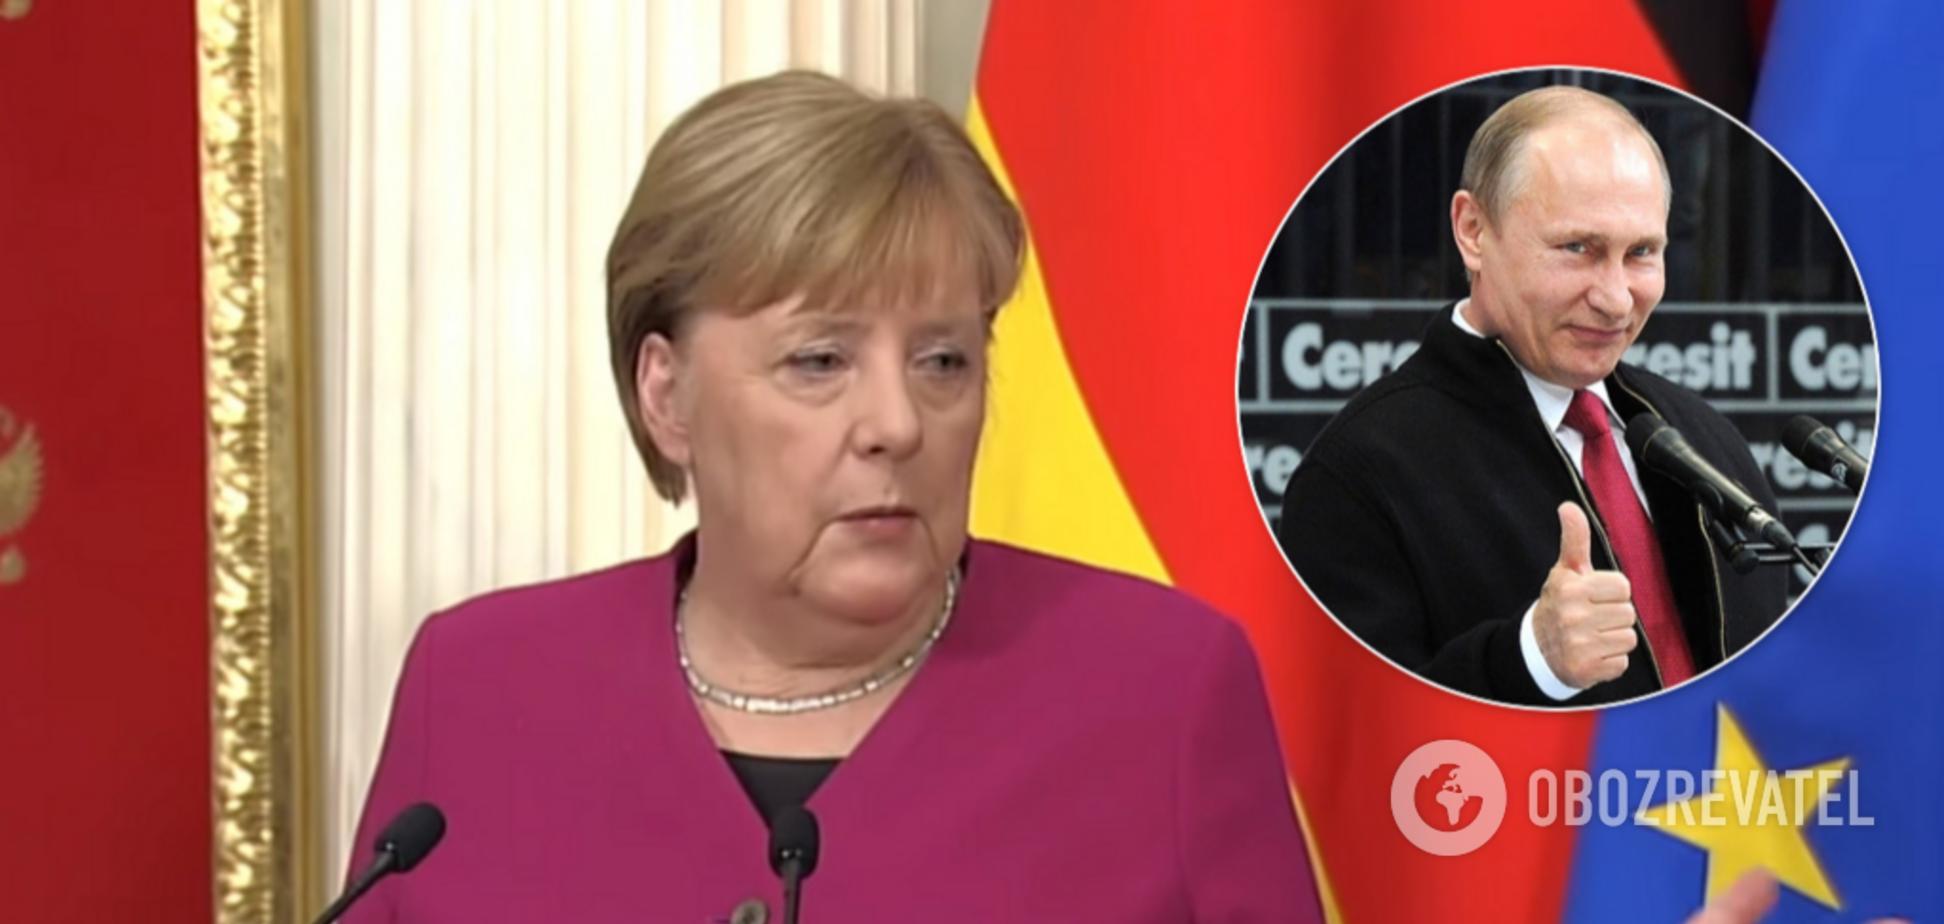 Меркель неожиданно встала на сторону Путина